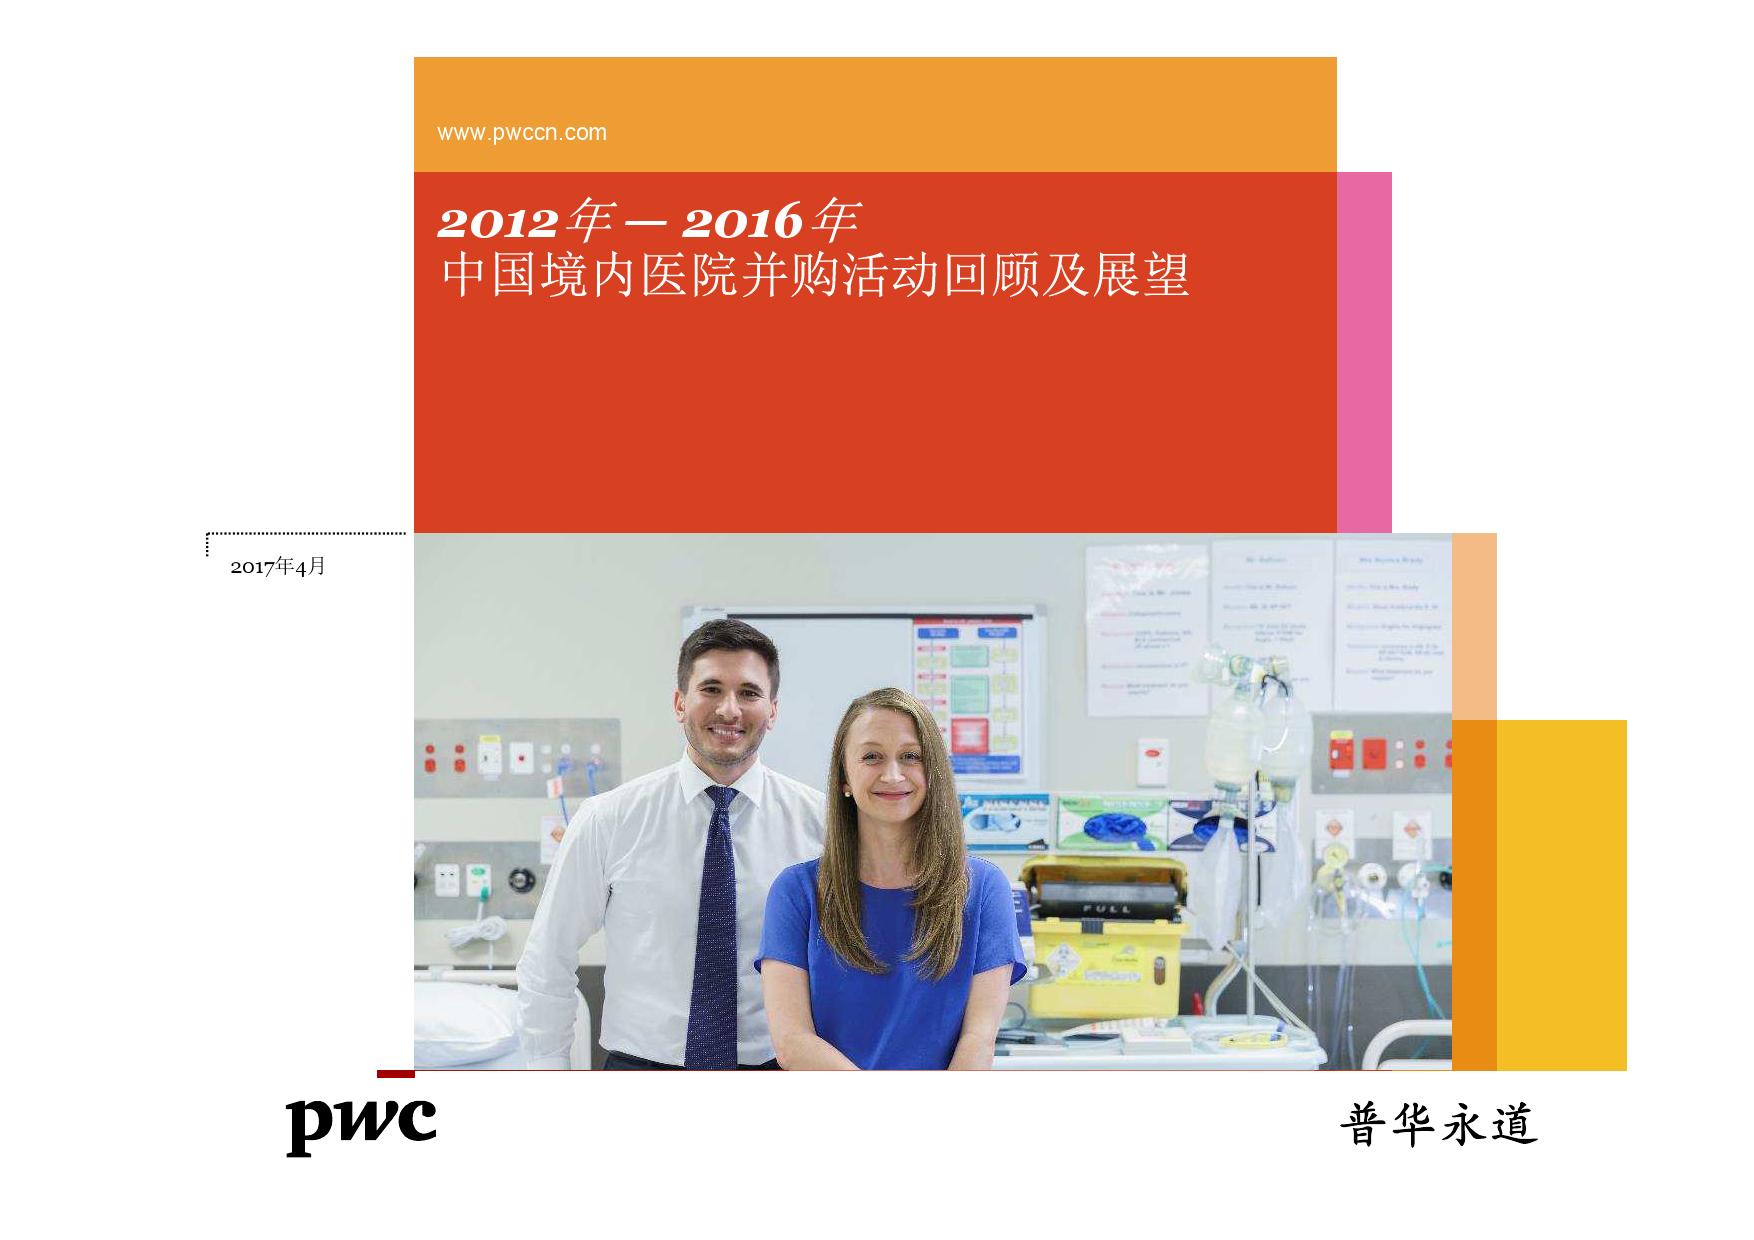 普华永道:2012-2016年中国境内医院并购活动回顾及展望